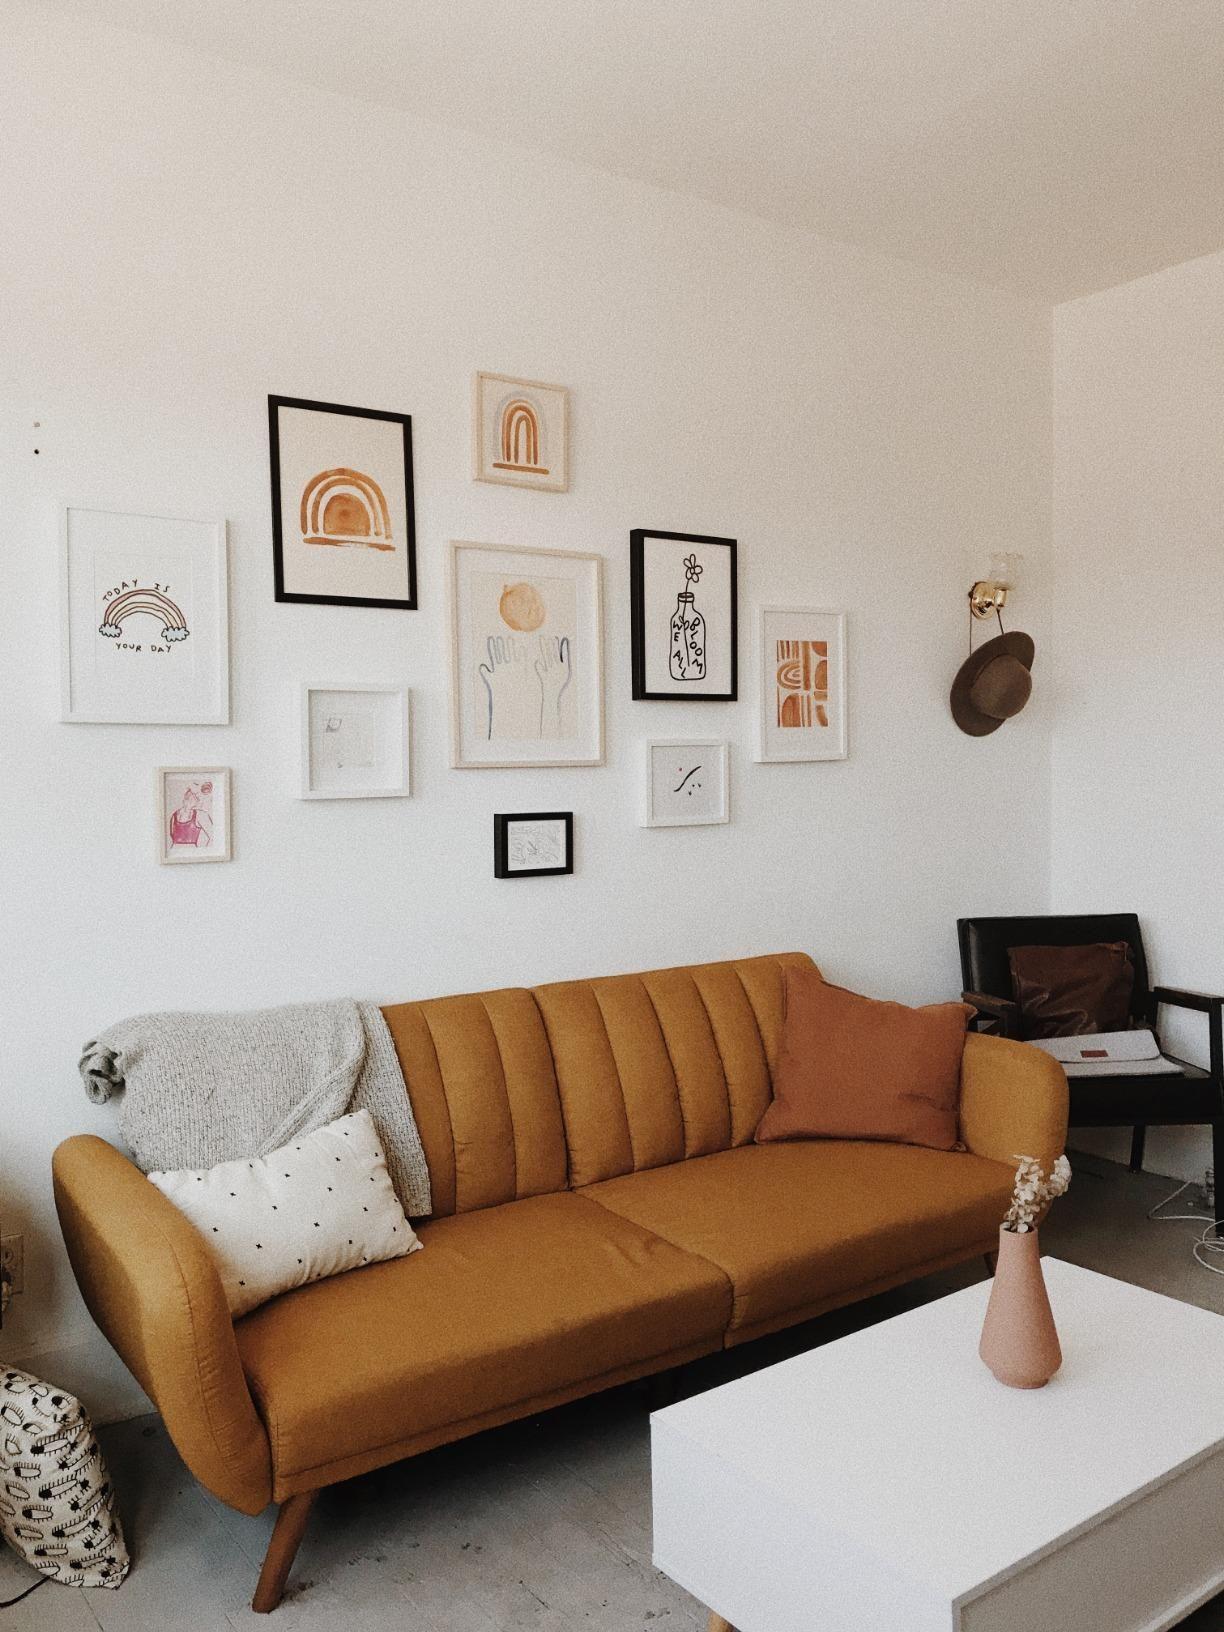 Amazon: Novogratz Brittany Sofa Futon, Premium Linen Within Brittany Sectional Futon Sofas (View 12 of 15)